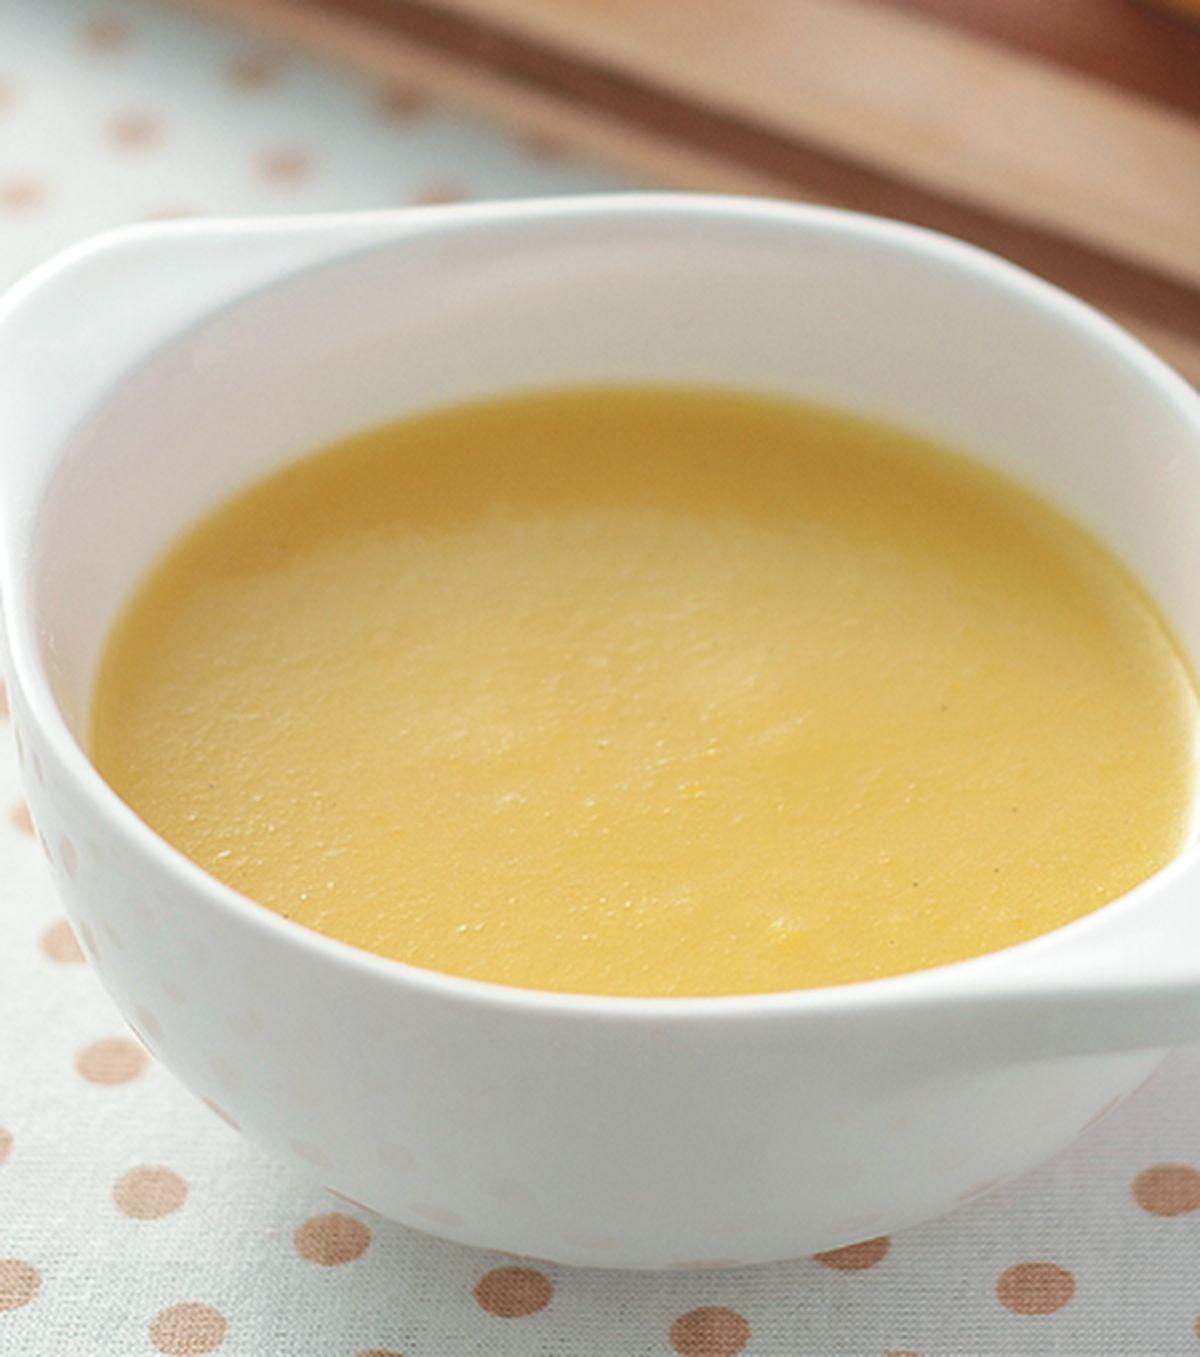 食譜:黃甜椒淋醬